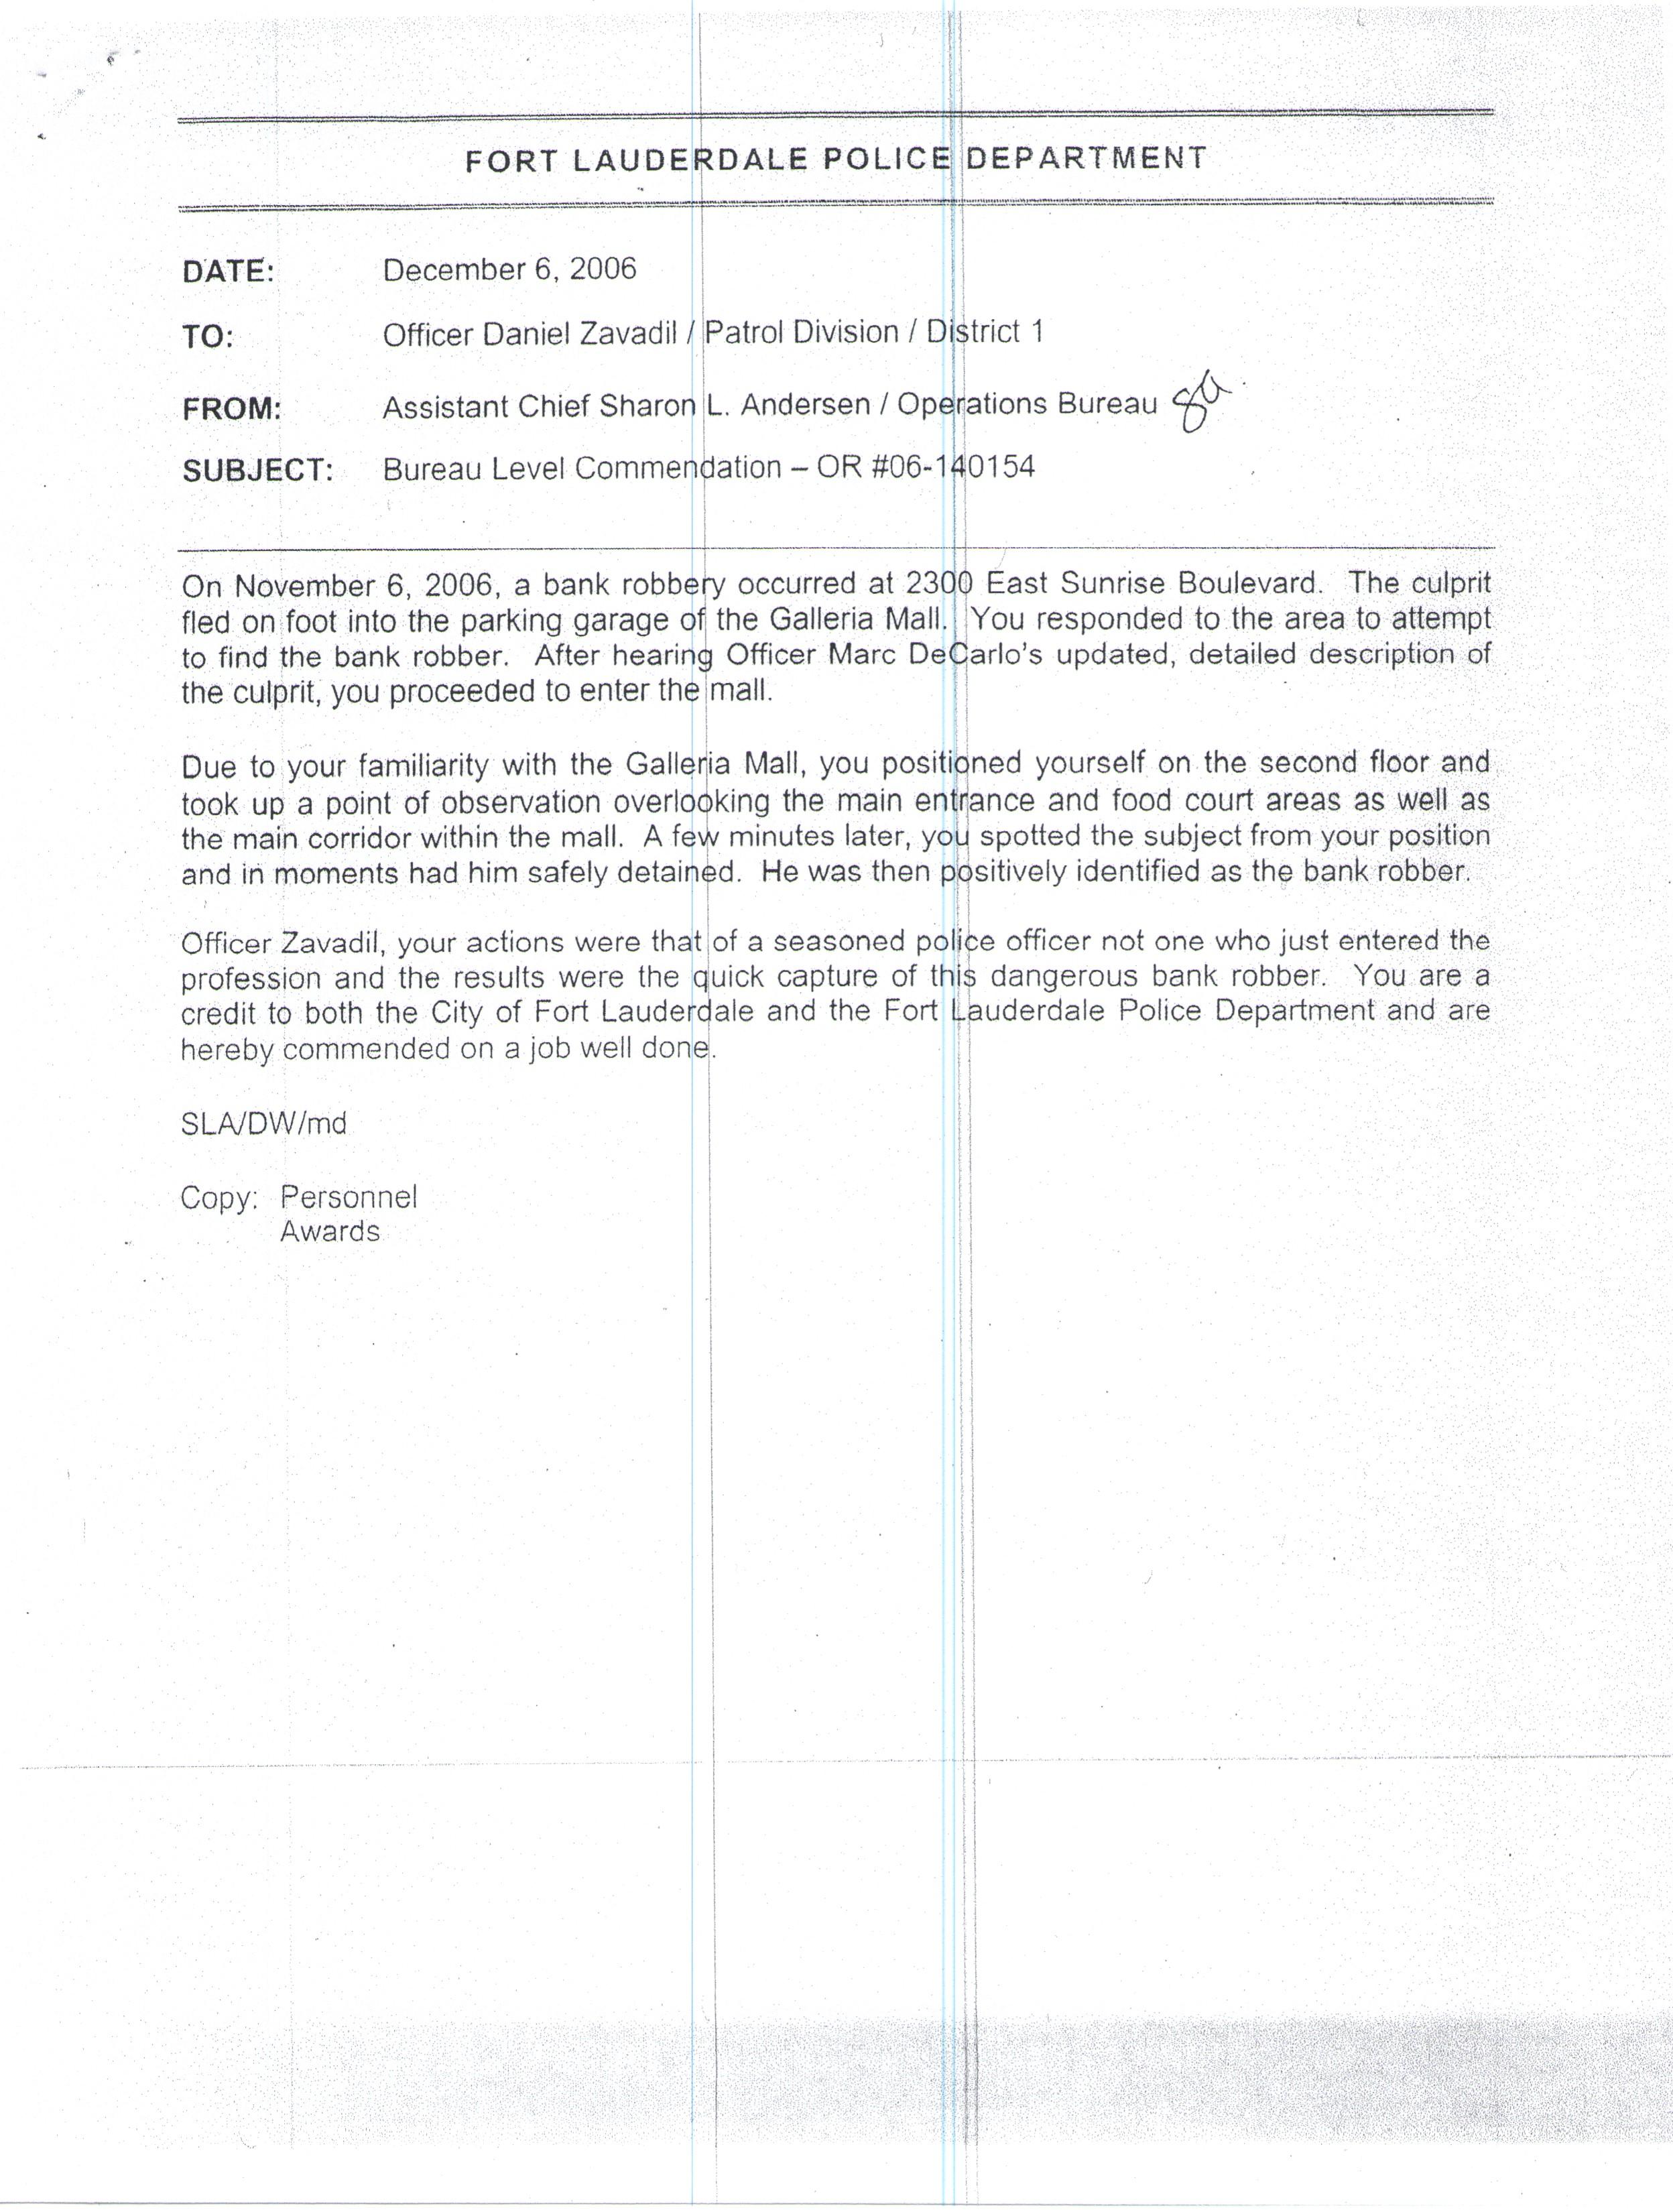 Bureau Level Commendation Capture of Bank Robber.jpg